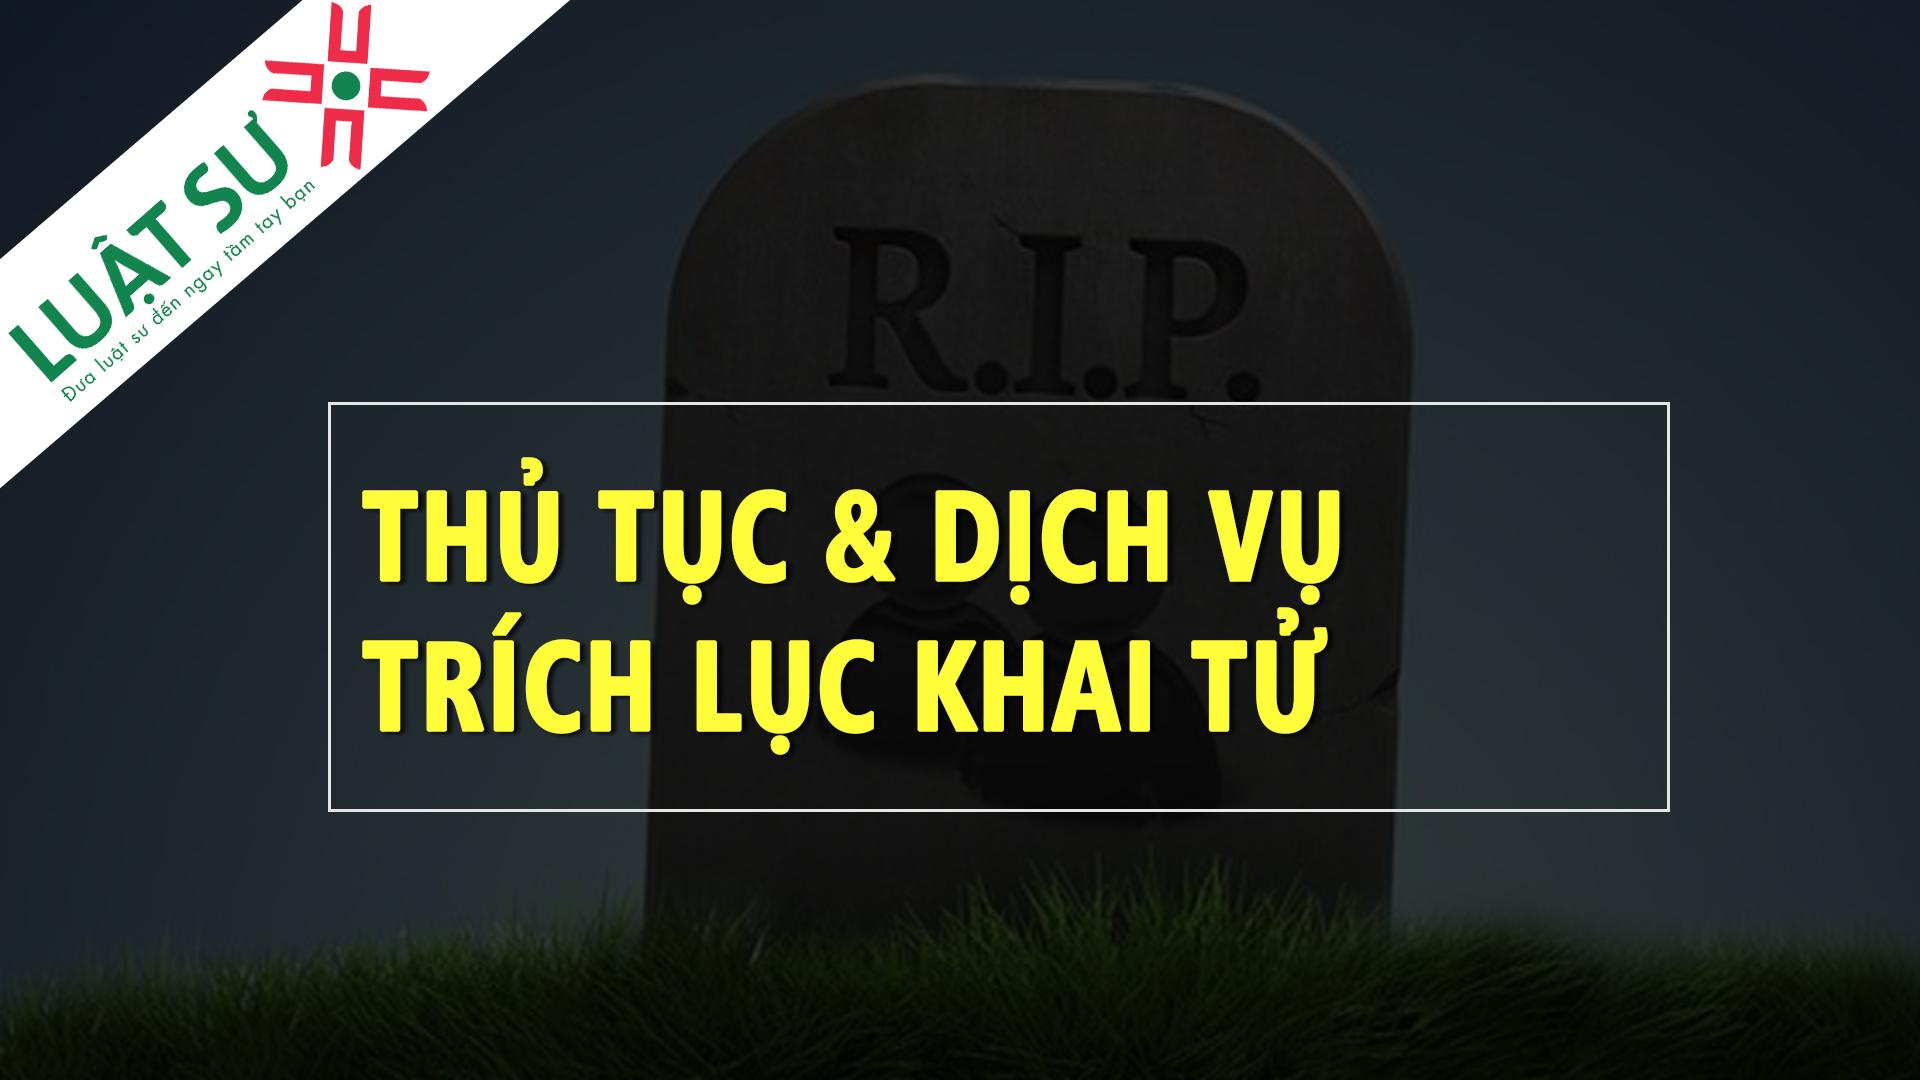 Dịch vụ trích lục khai tử tại Hà Nội